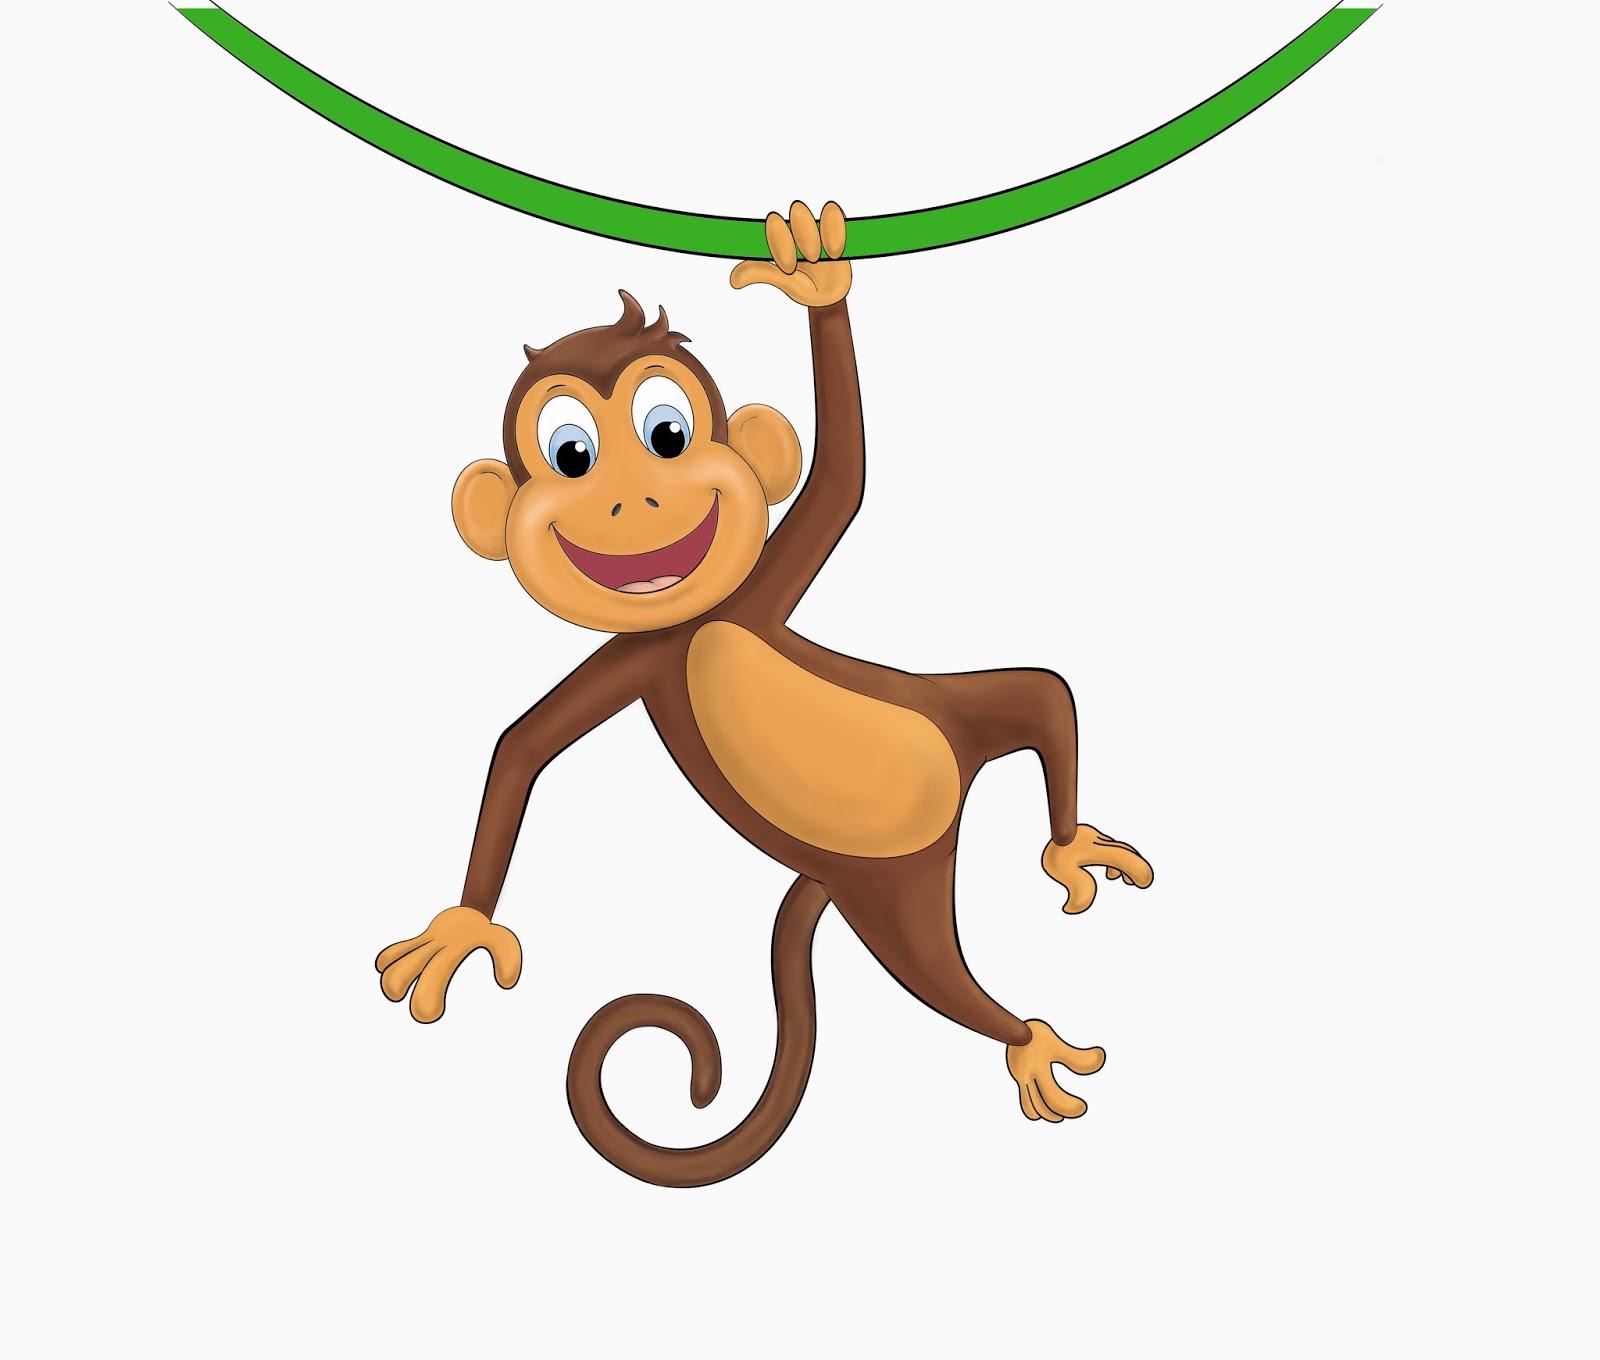 Monkey clip art images